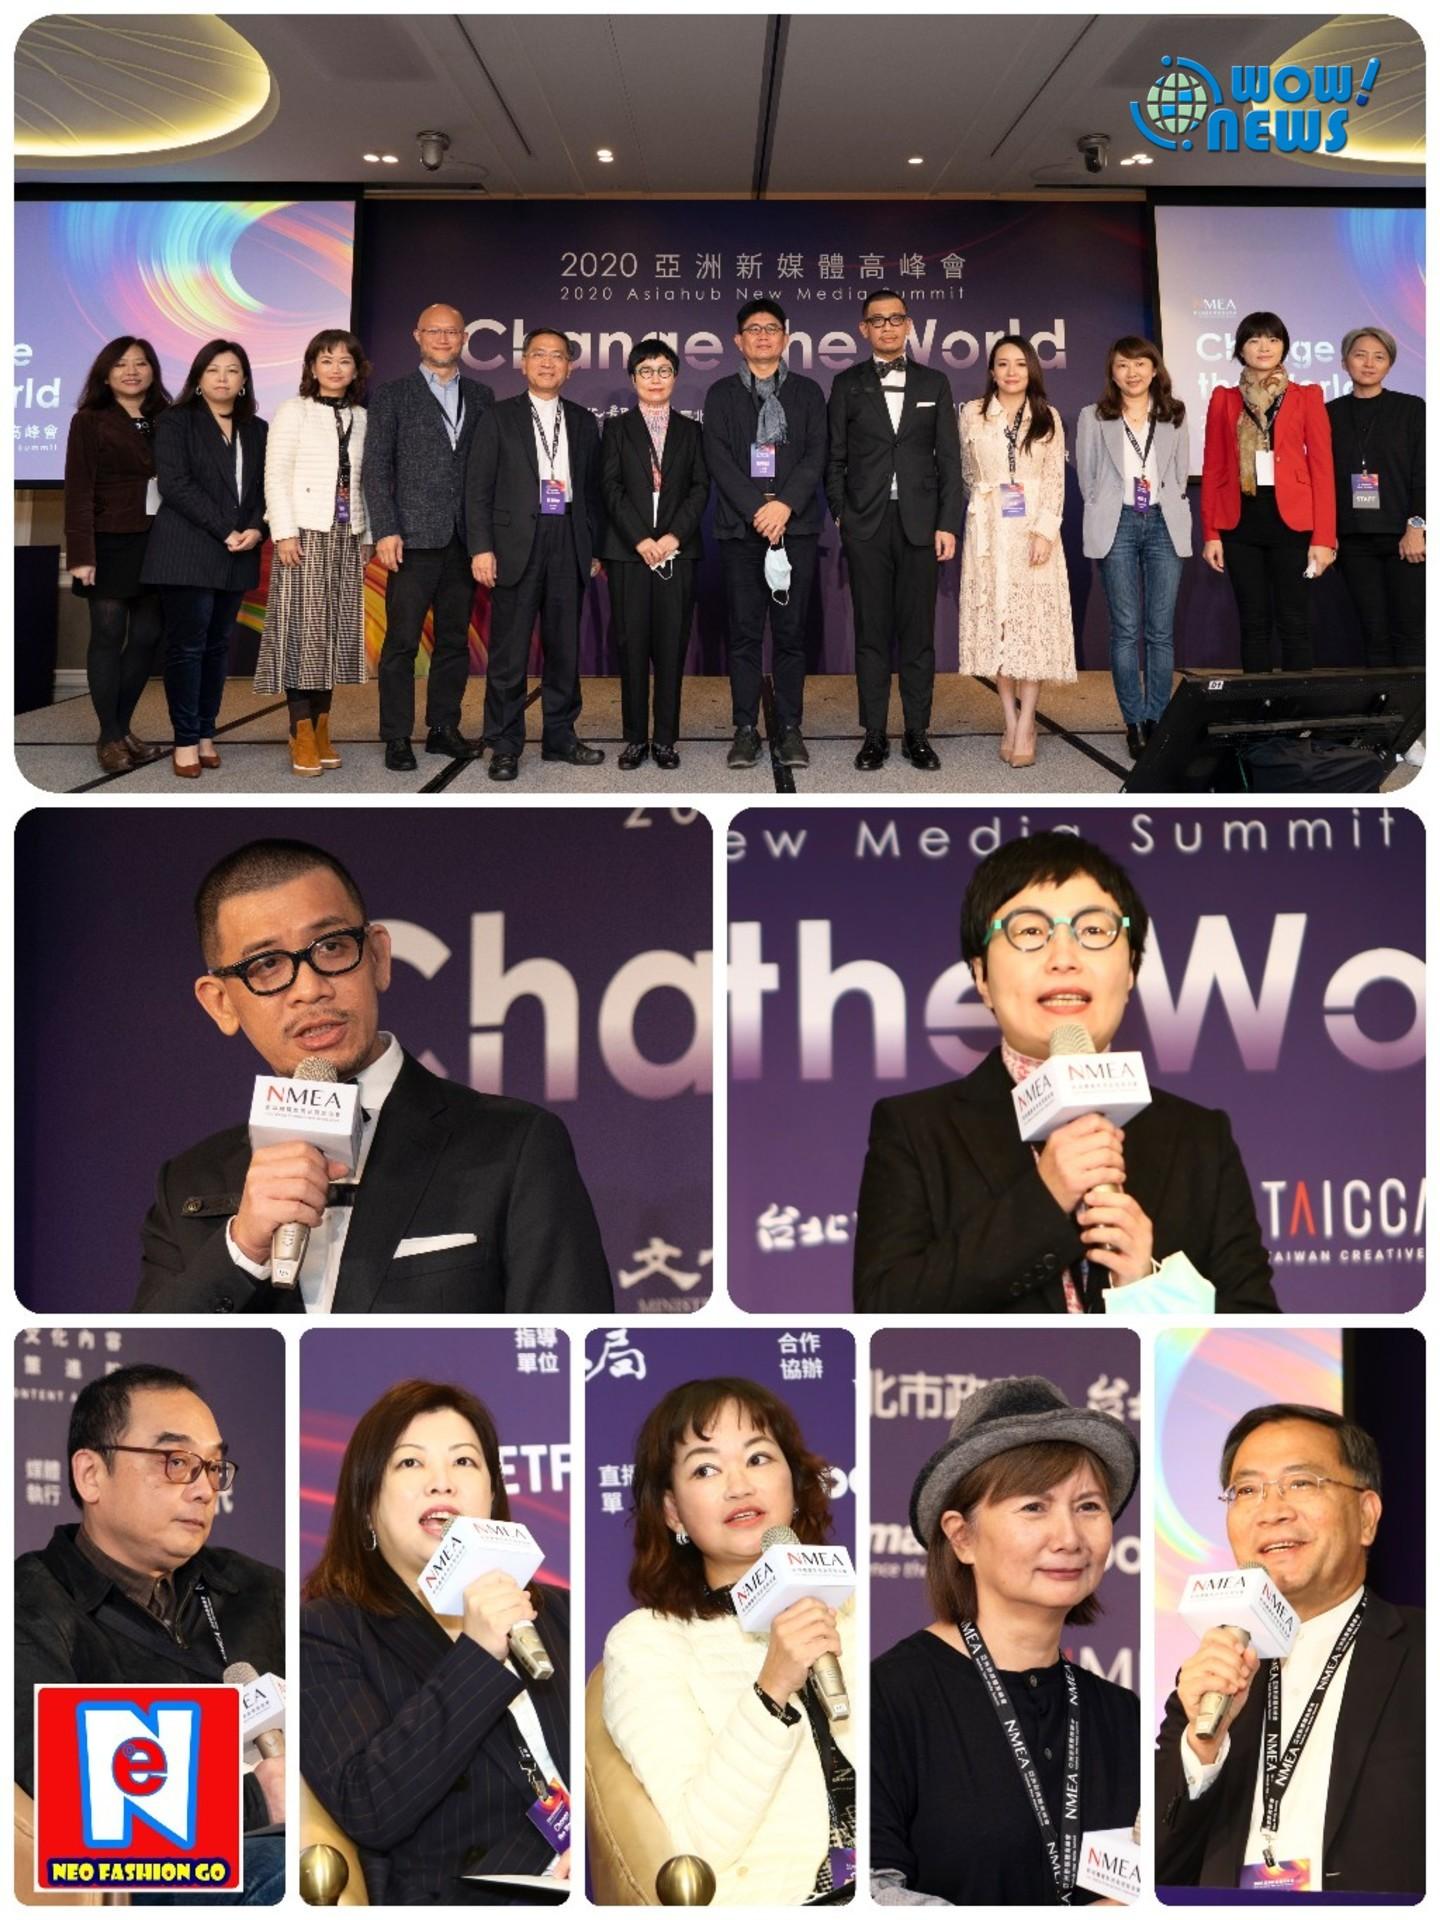 2020 第二屆「亞洲新媒體高峰會」蔡嘉駿:「內容產業是國家級的戰略產業,是打造台灣品牌、輸出國際的最佳方式。」